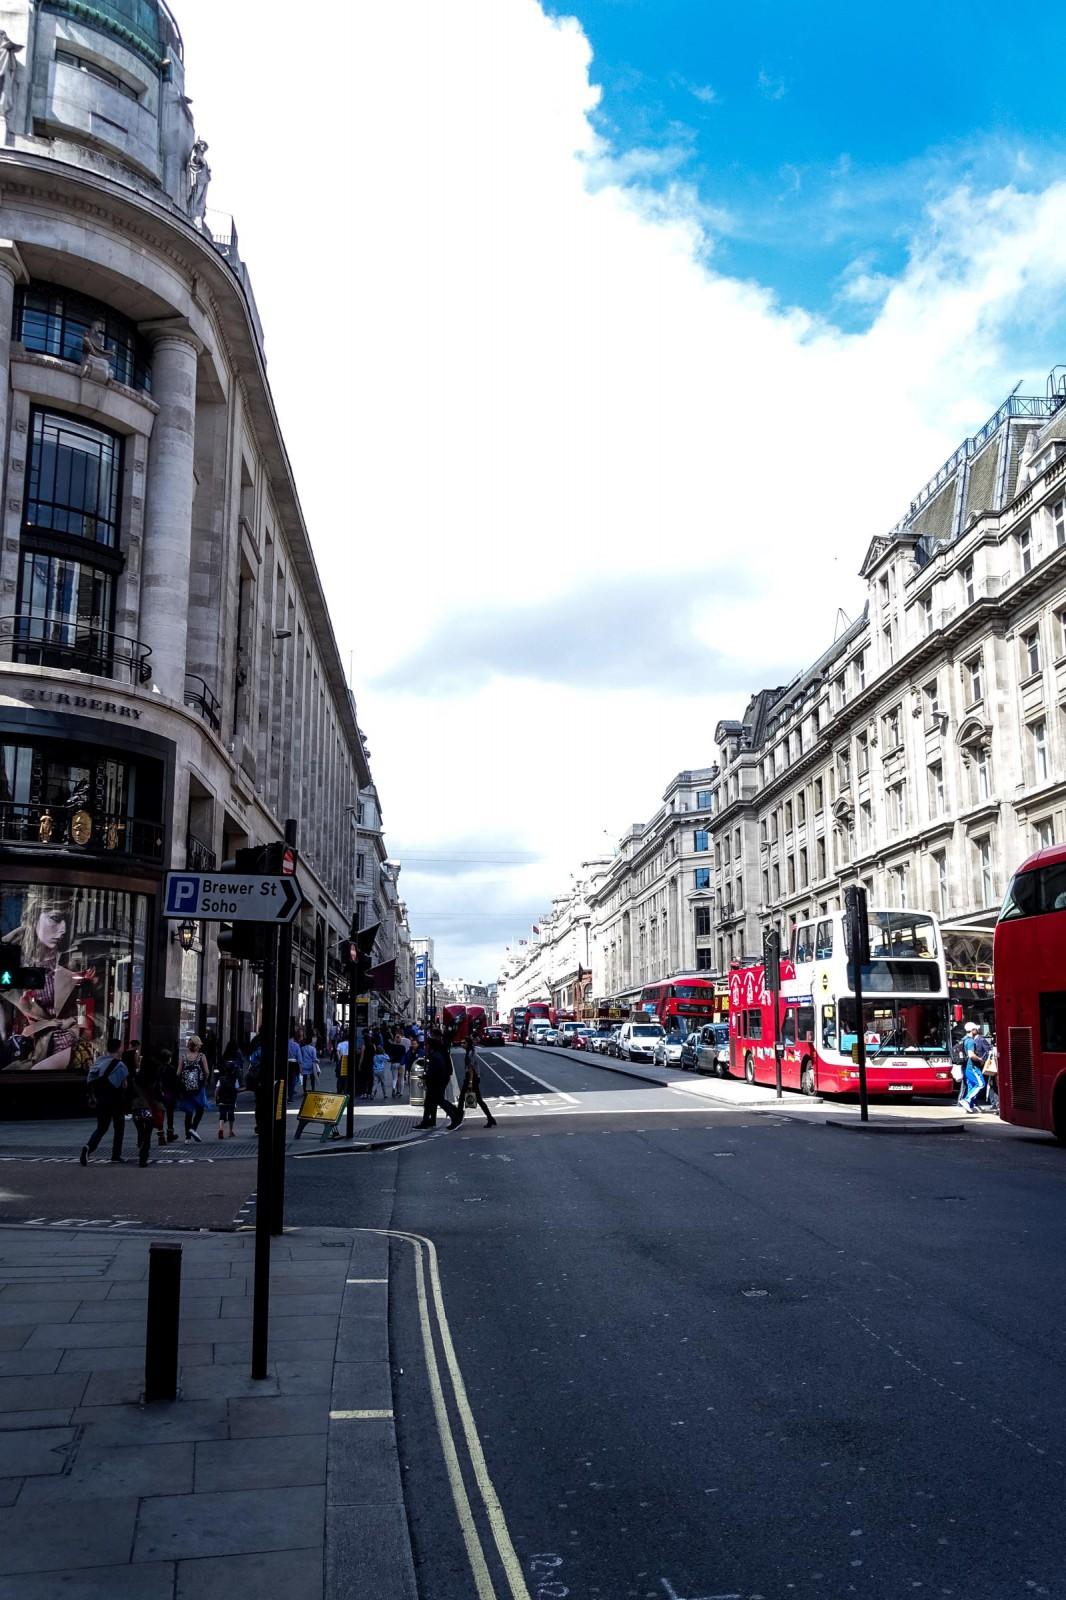 24_7_London-19